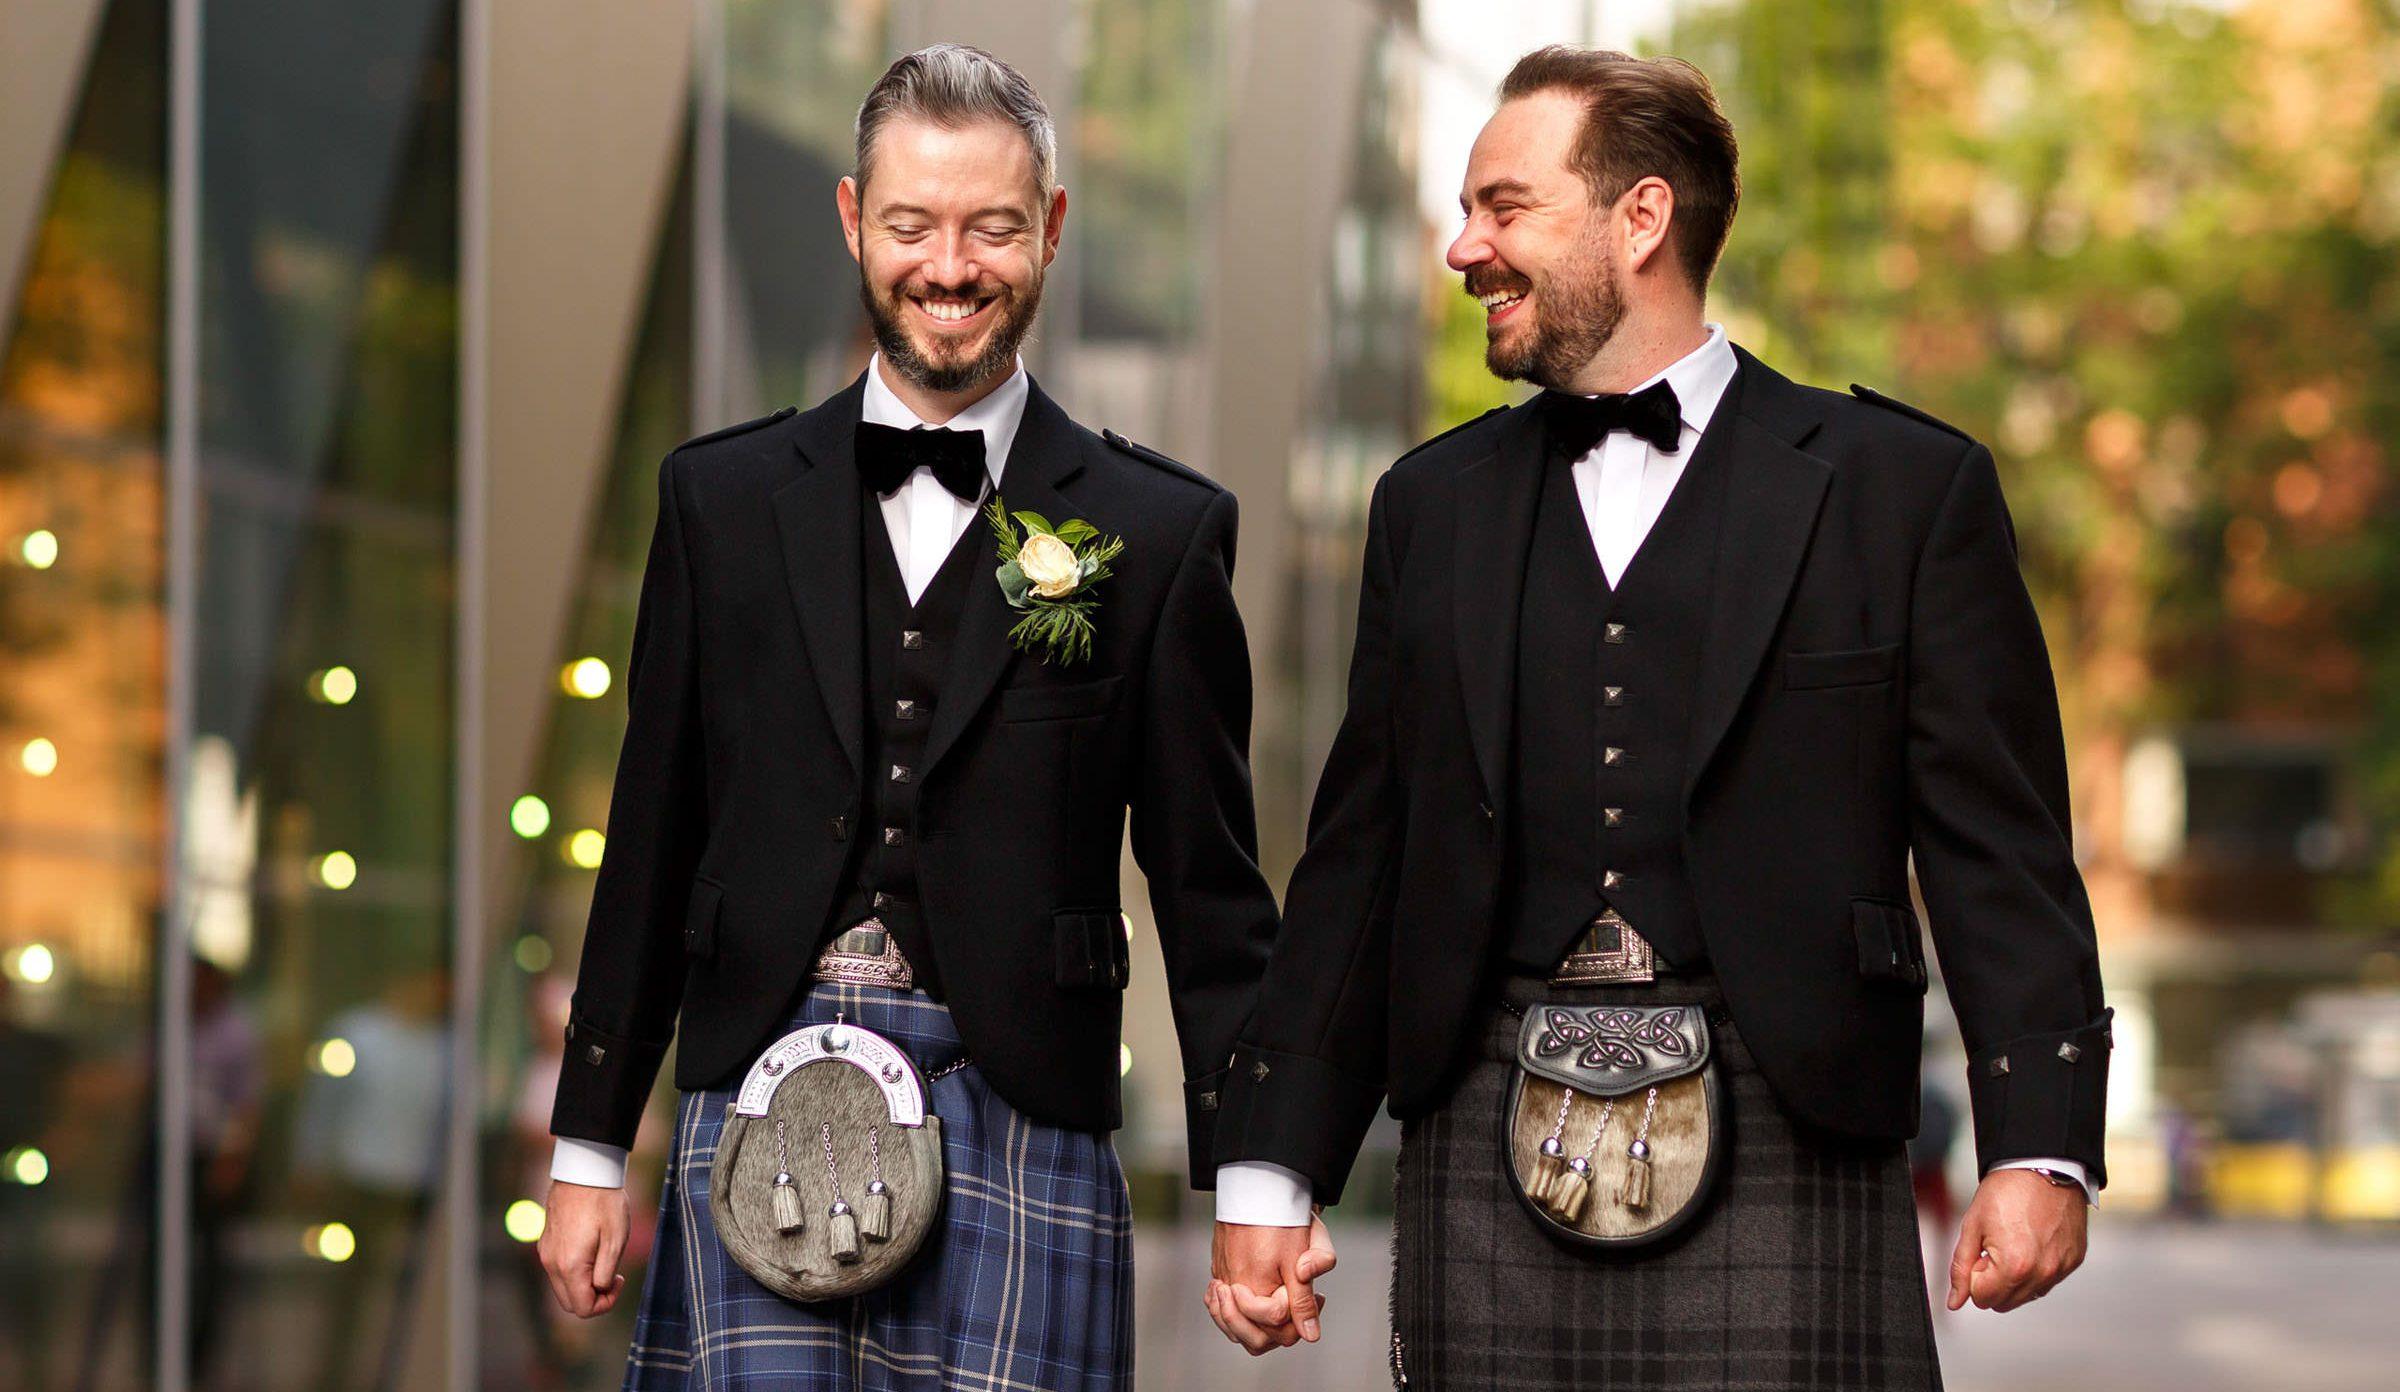 Evlilik Eşitliği Avrupa'da Ne Durumda?